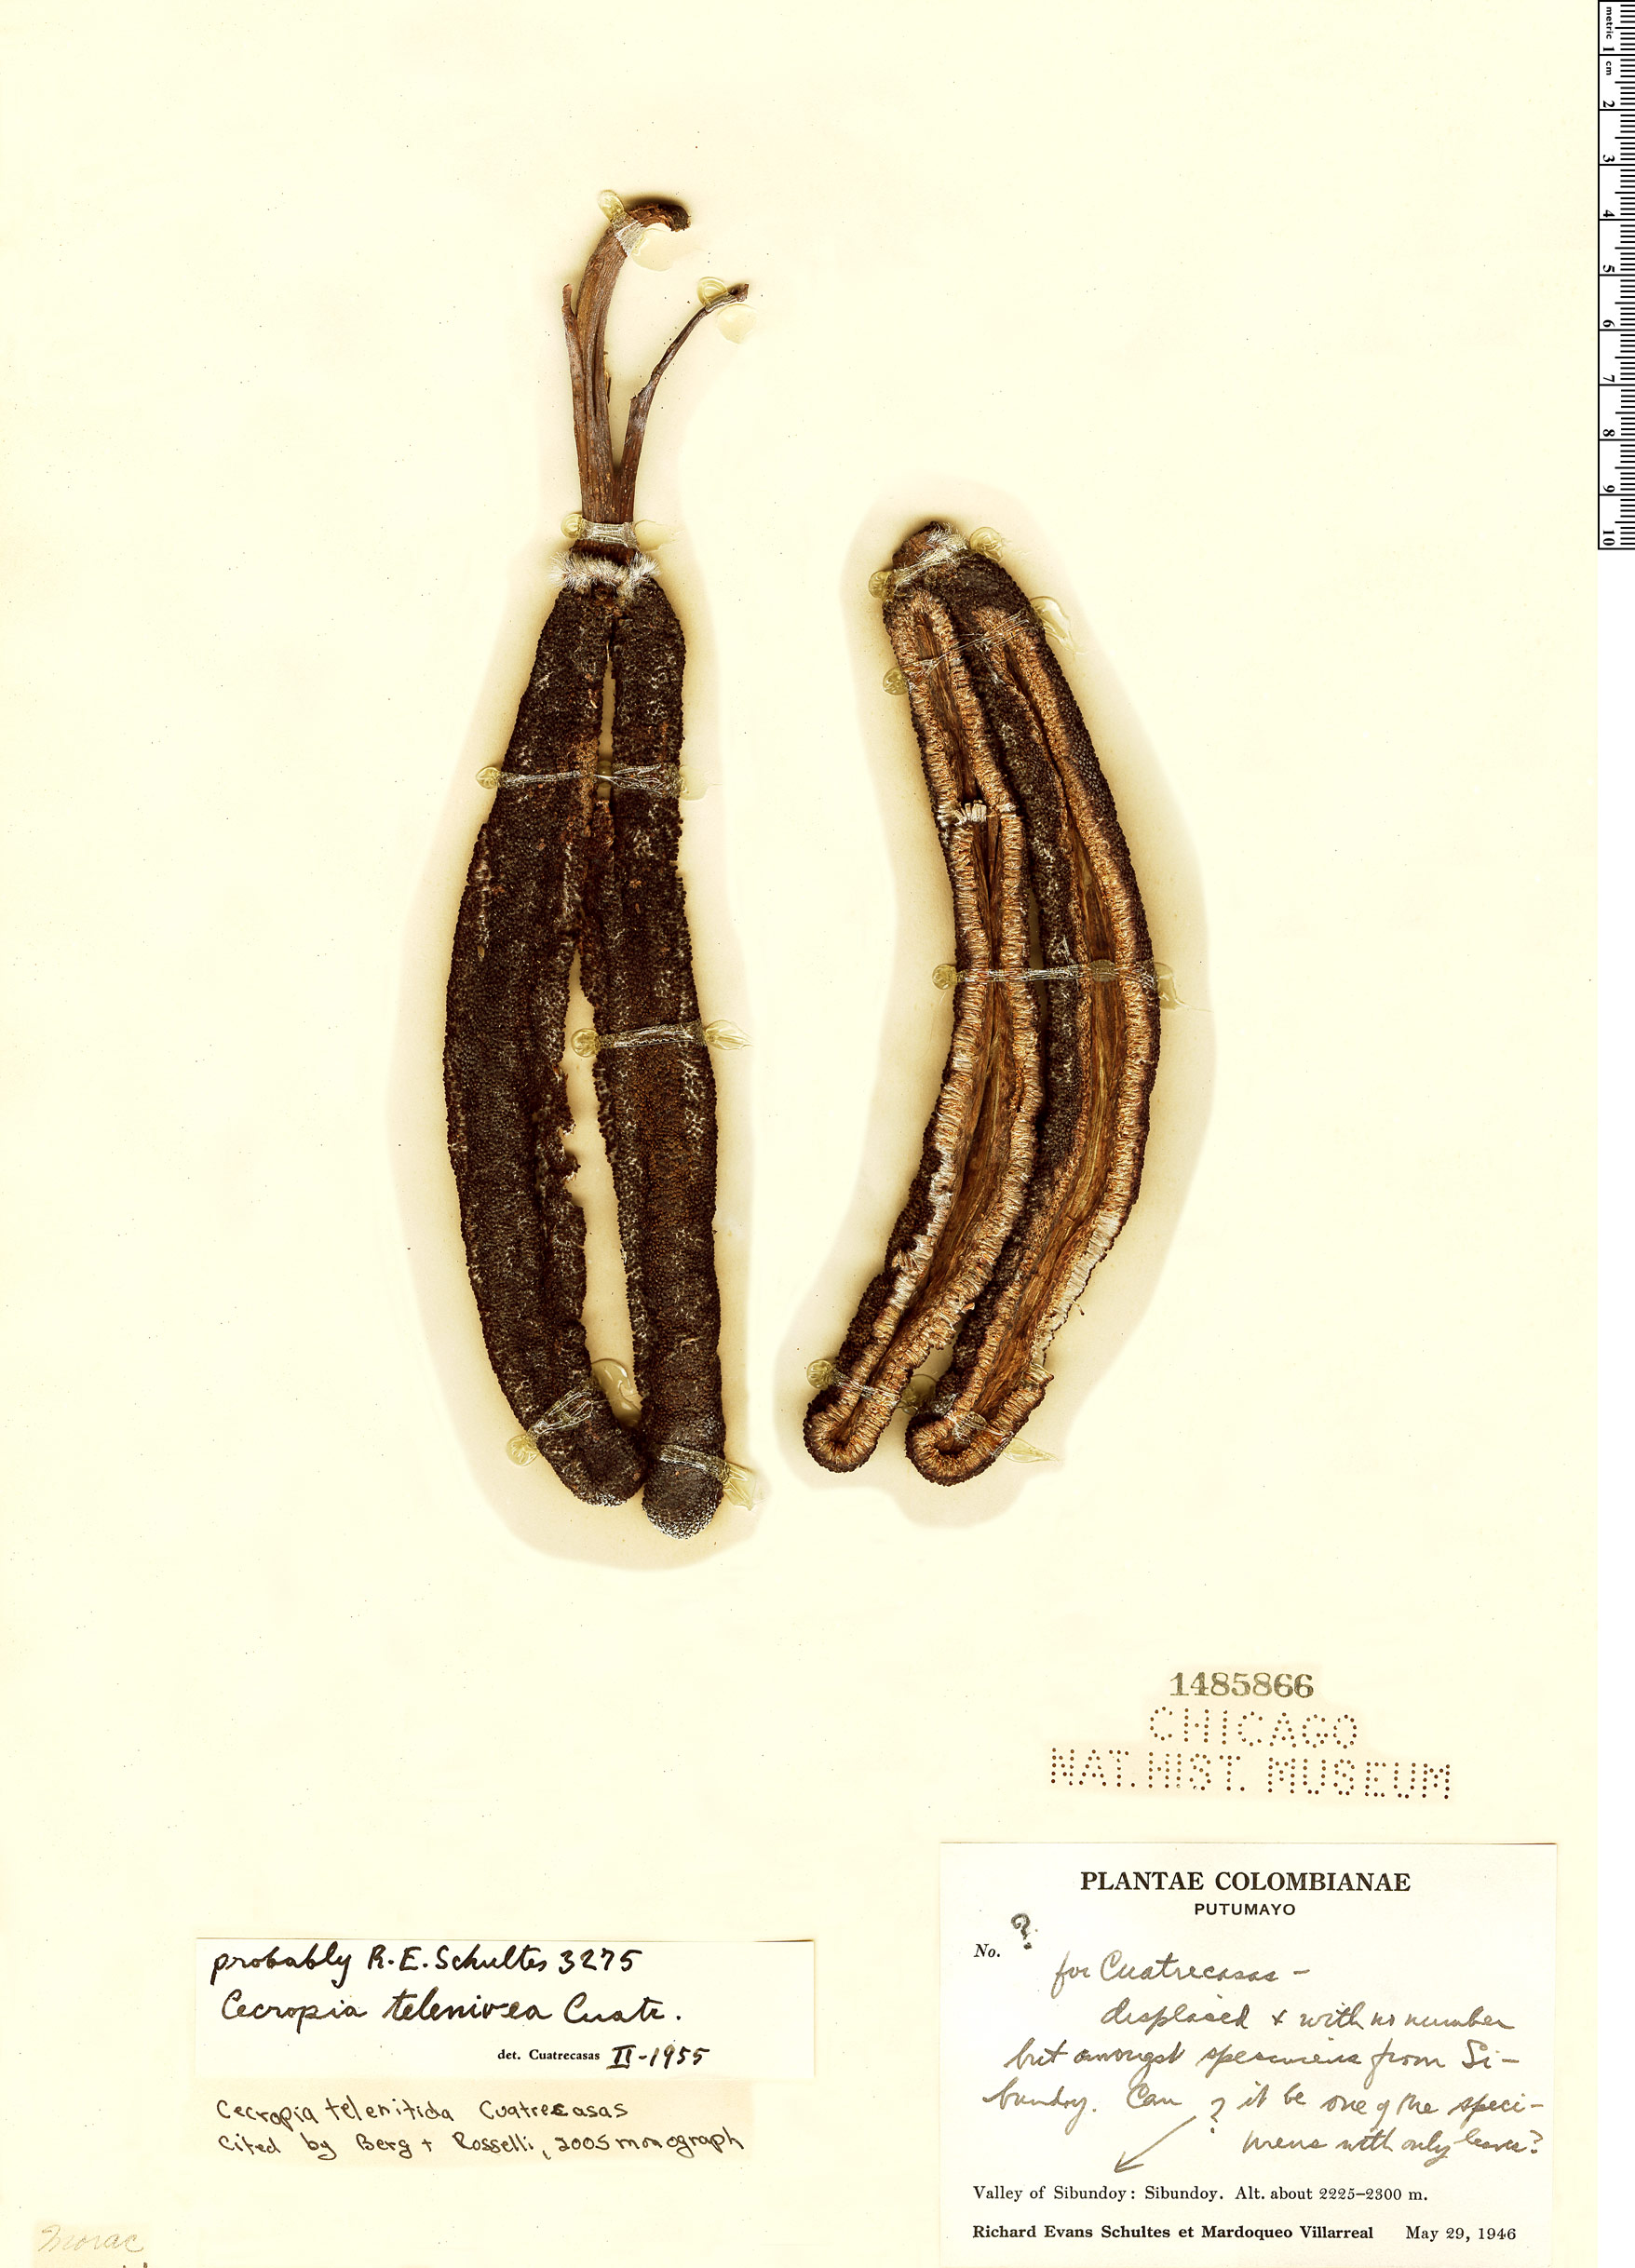 Specimen: Cecropia telenitida